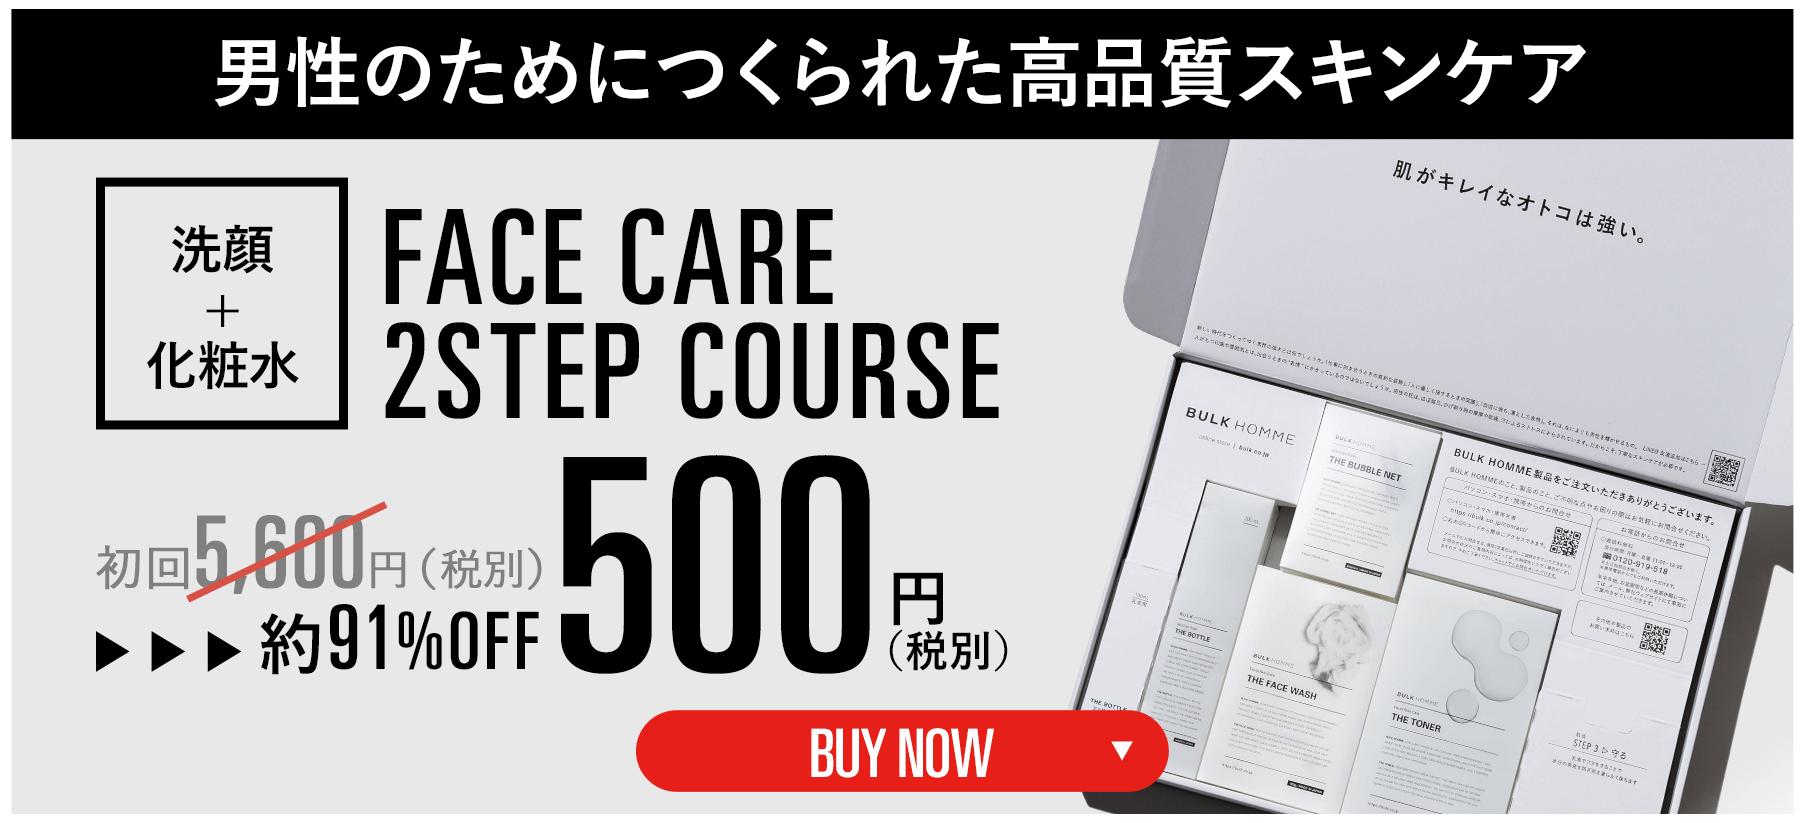 バルクオム_500円